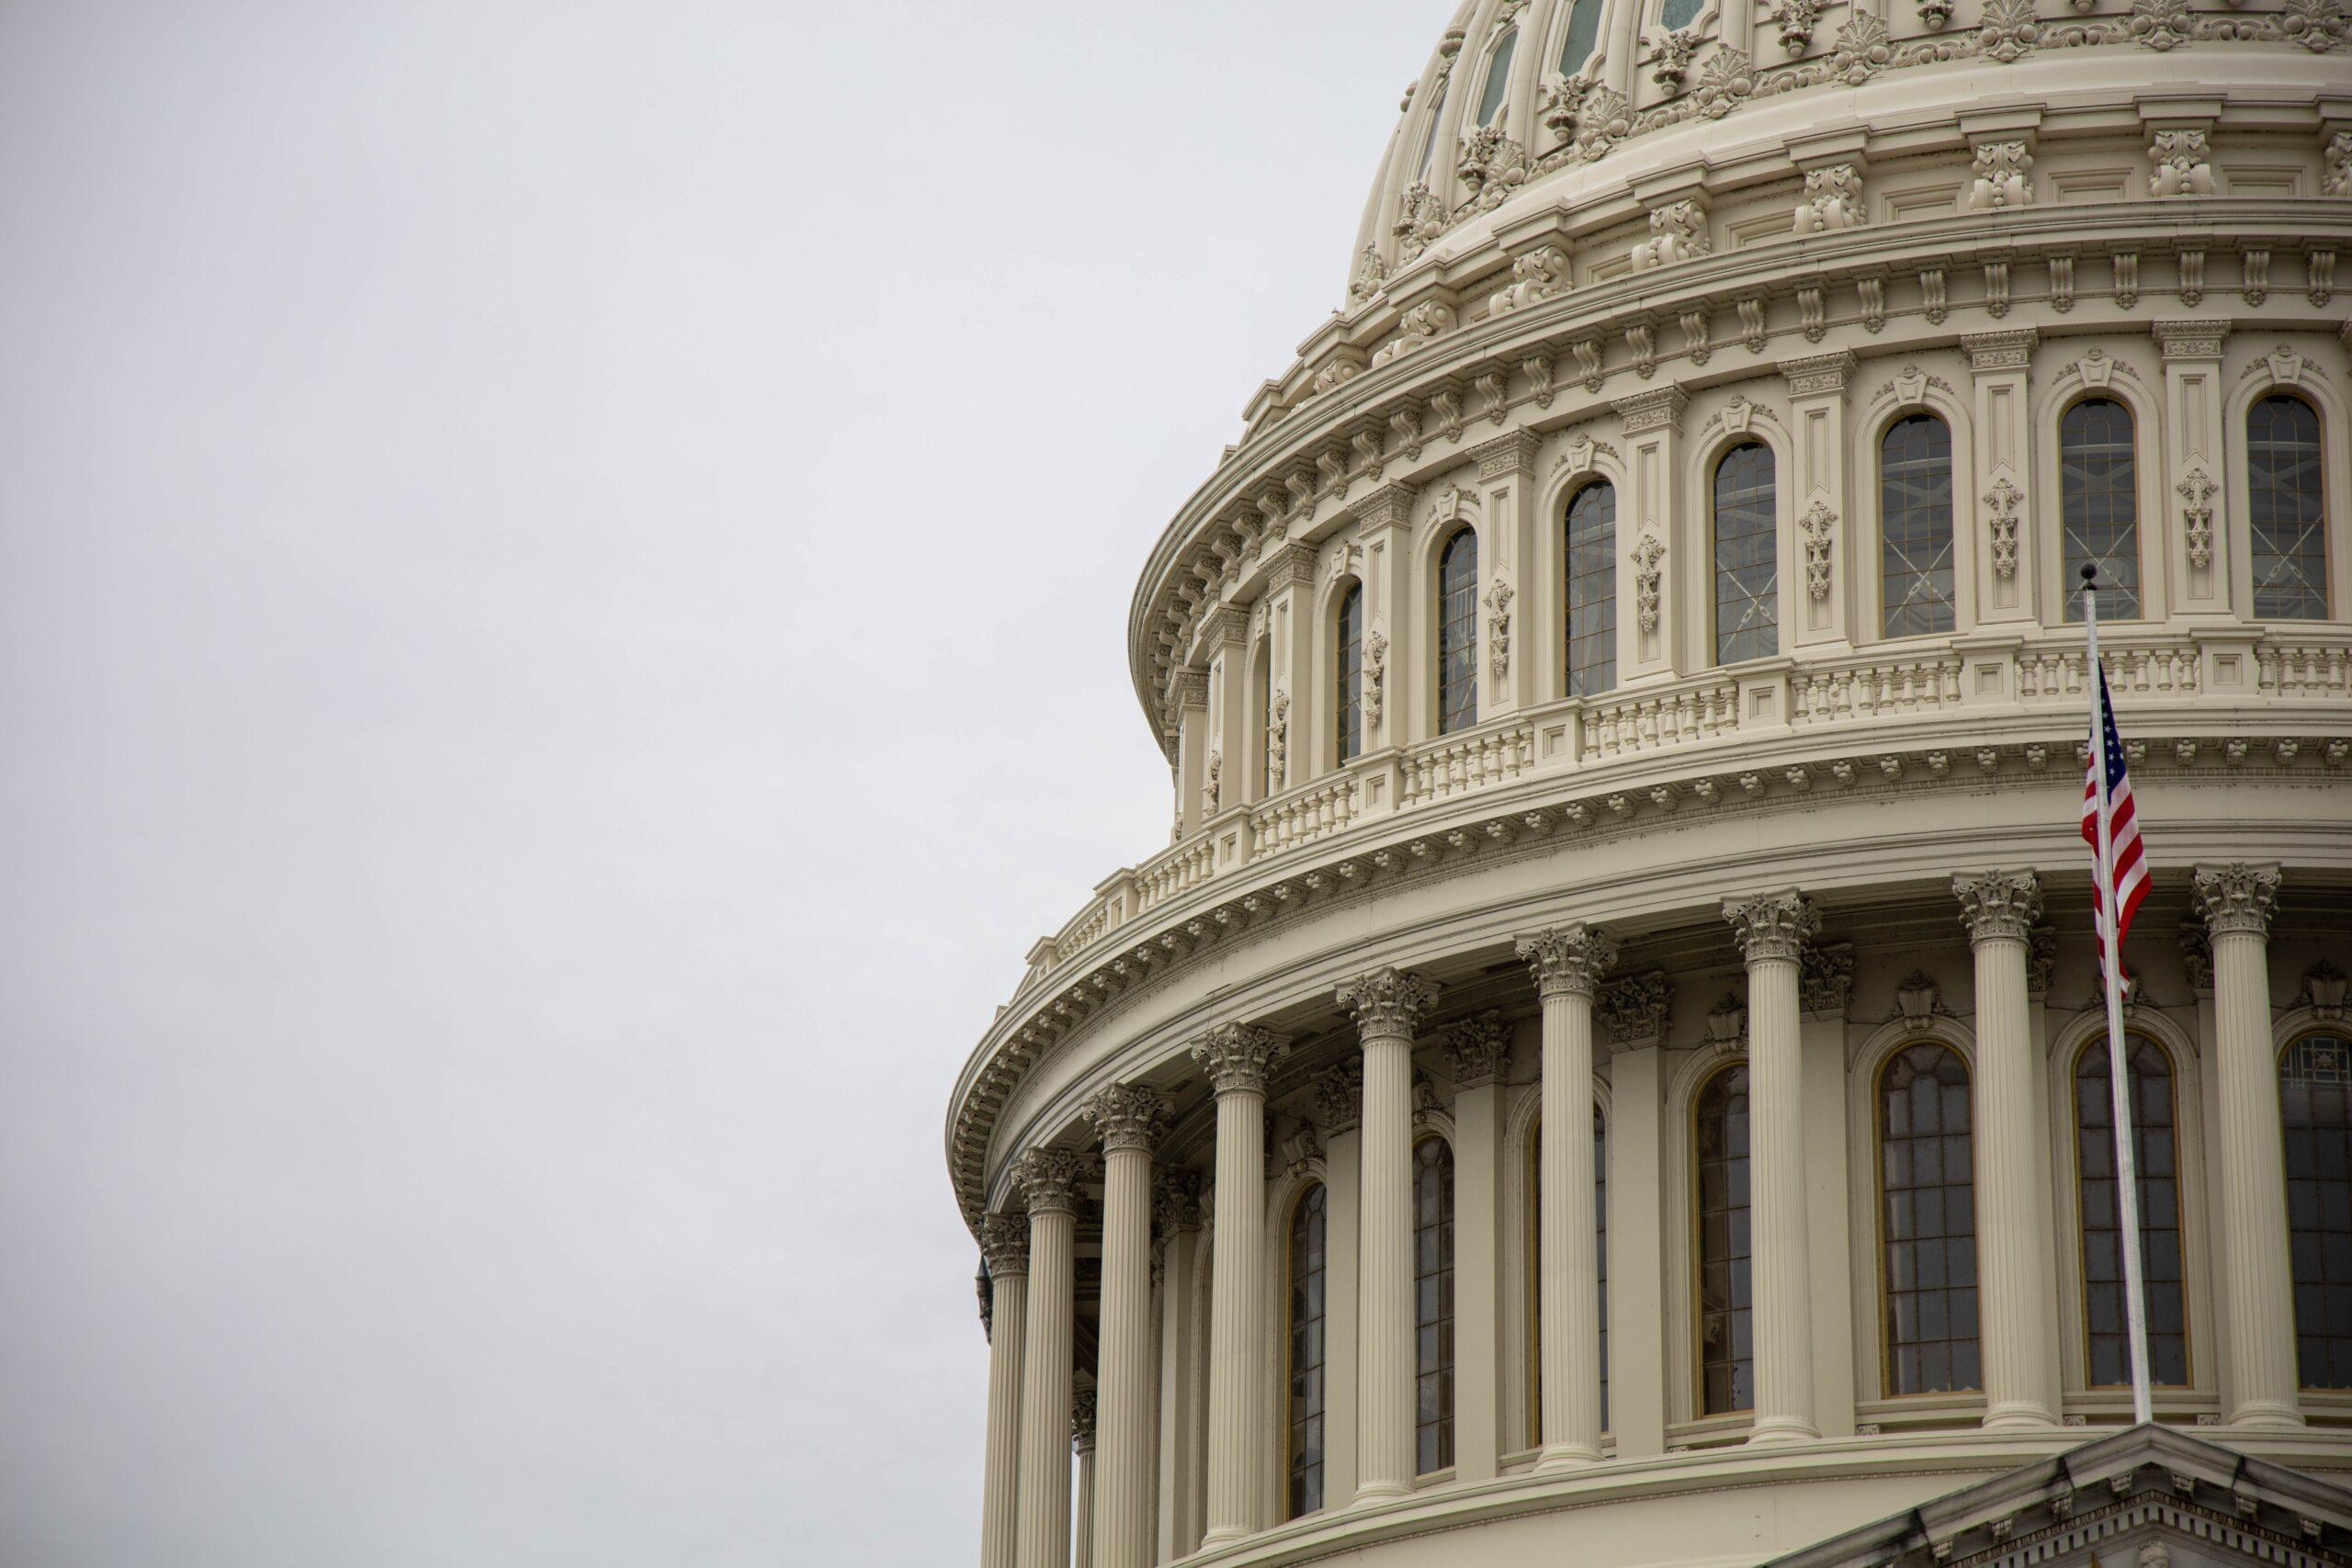 No Special Perks For Congress ⛔️